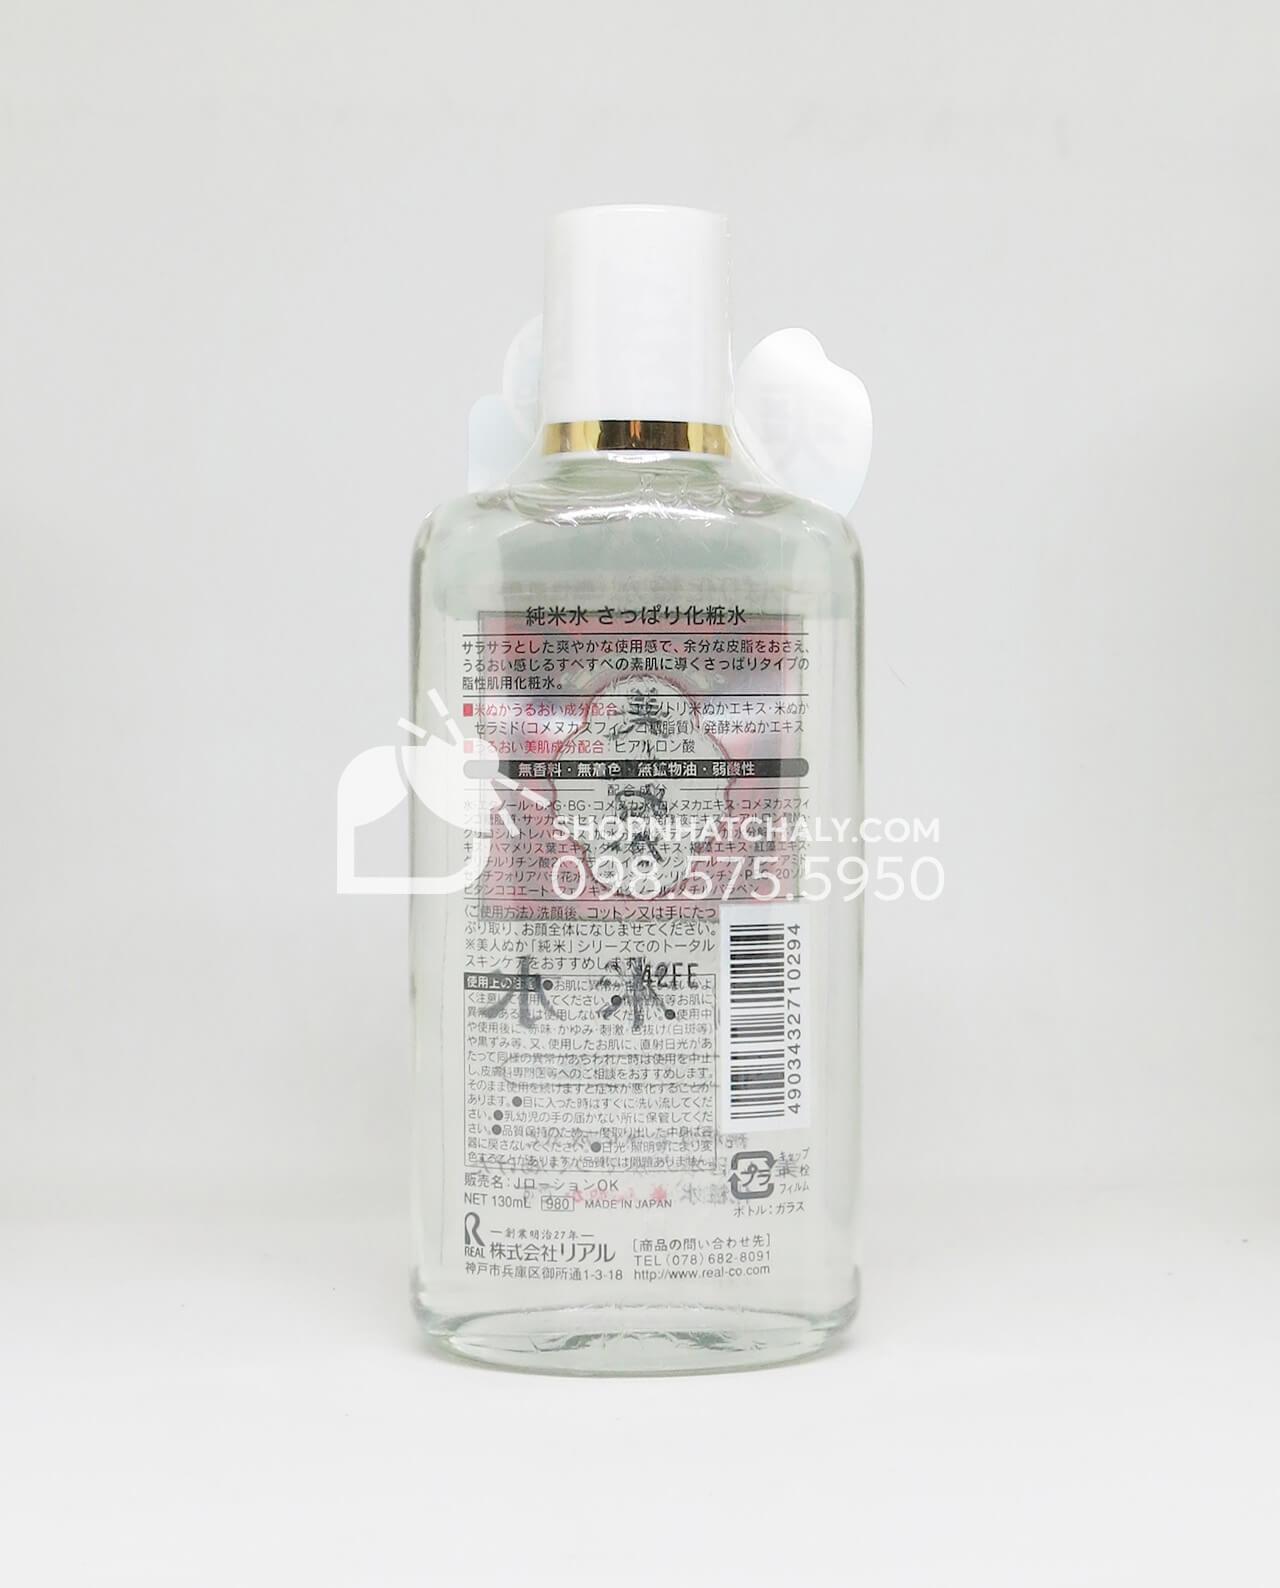 Nước hoa hồng sáng da kiềm dầu tinh chất gạo Bijin Nuka Nhật Bản - thông tin sản phẩm